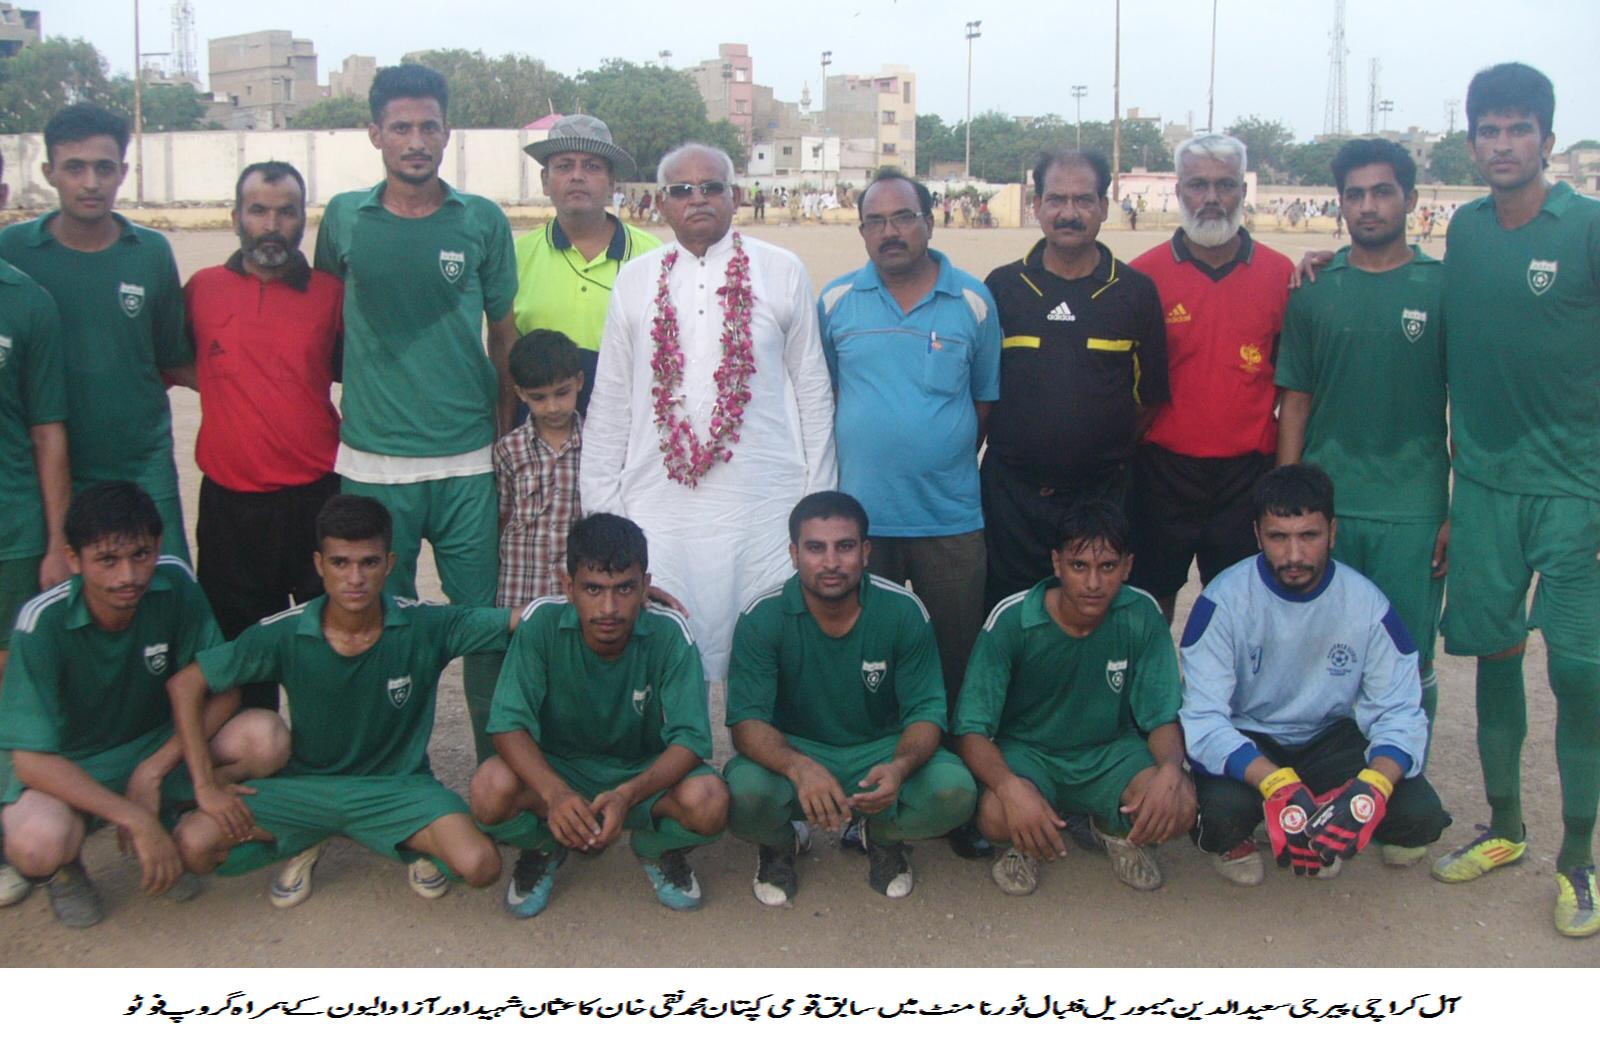 PIR G FOOTBALL TOURNAMENT: Usman Shaheed FC Keamari reach semi-final